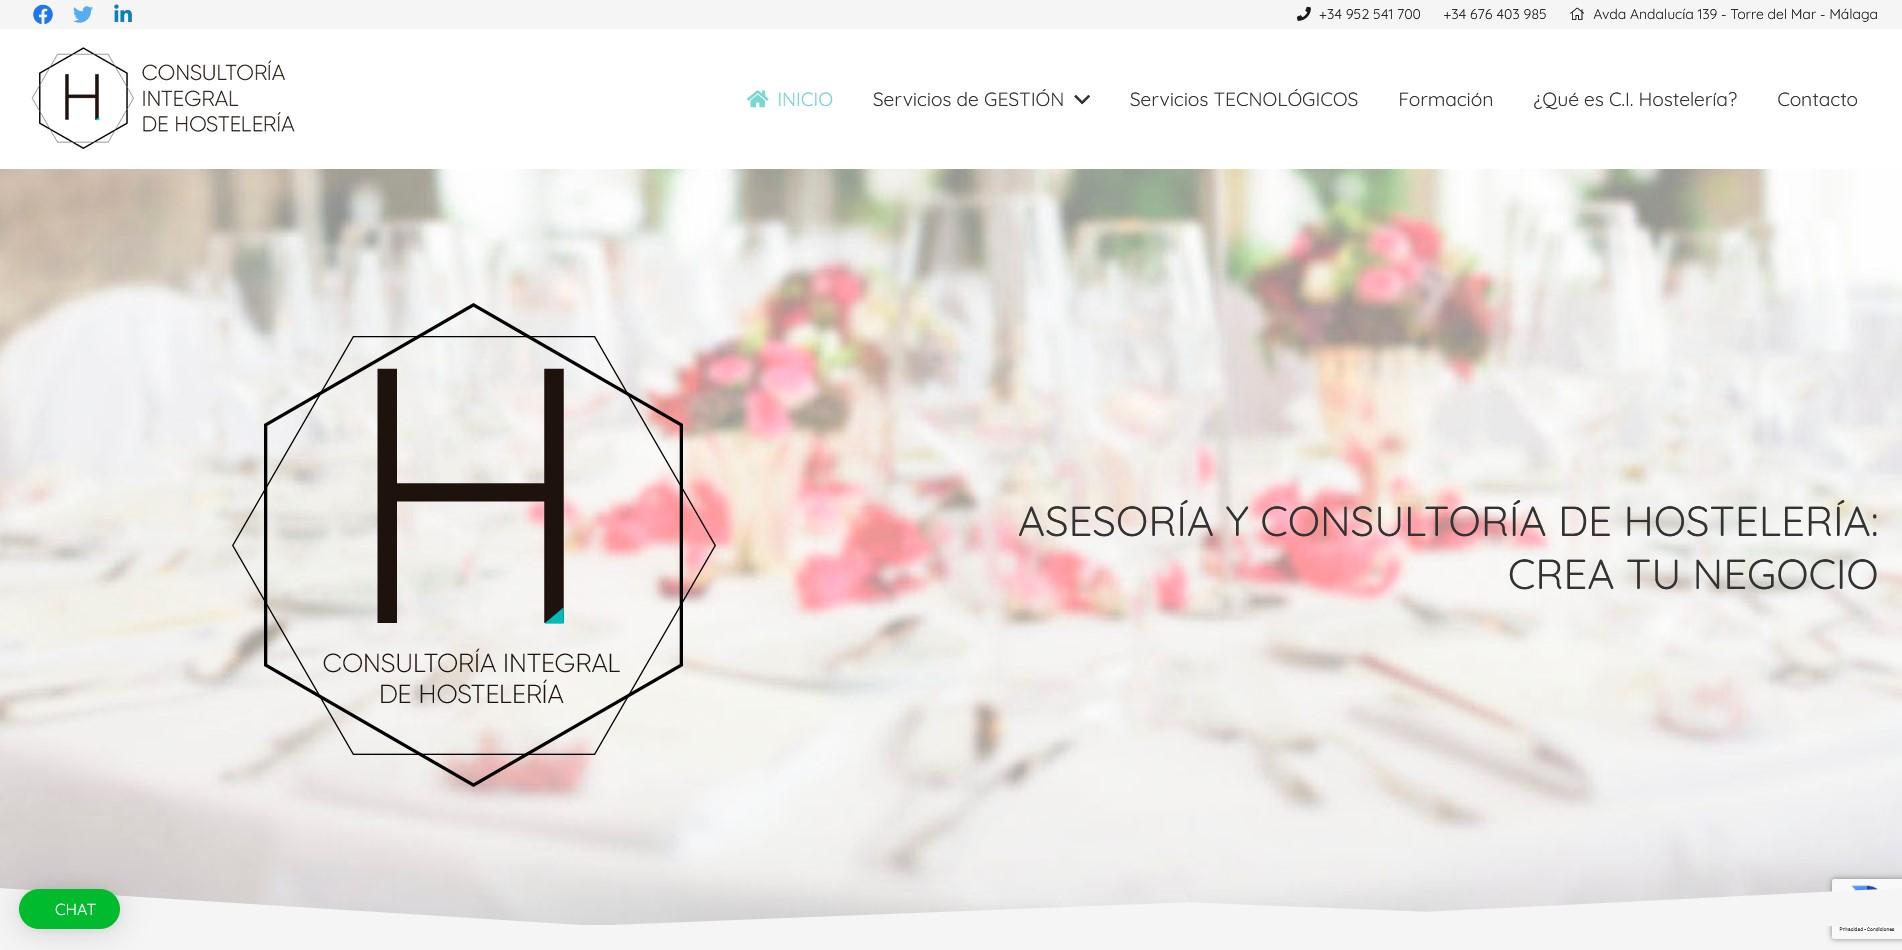 Consultoria Integral de Hosteleria web